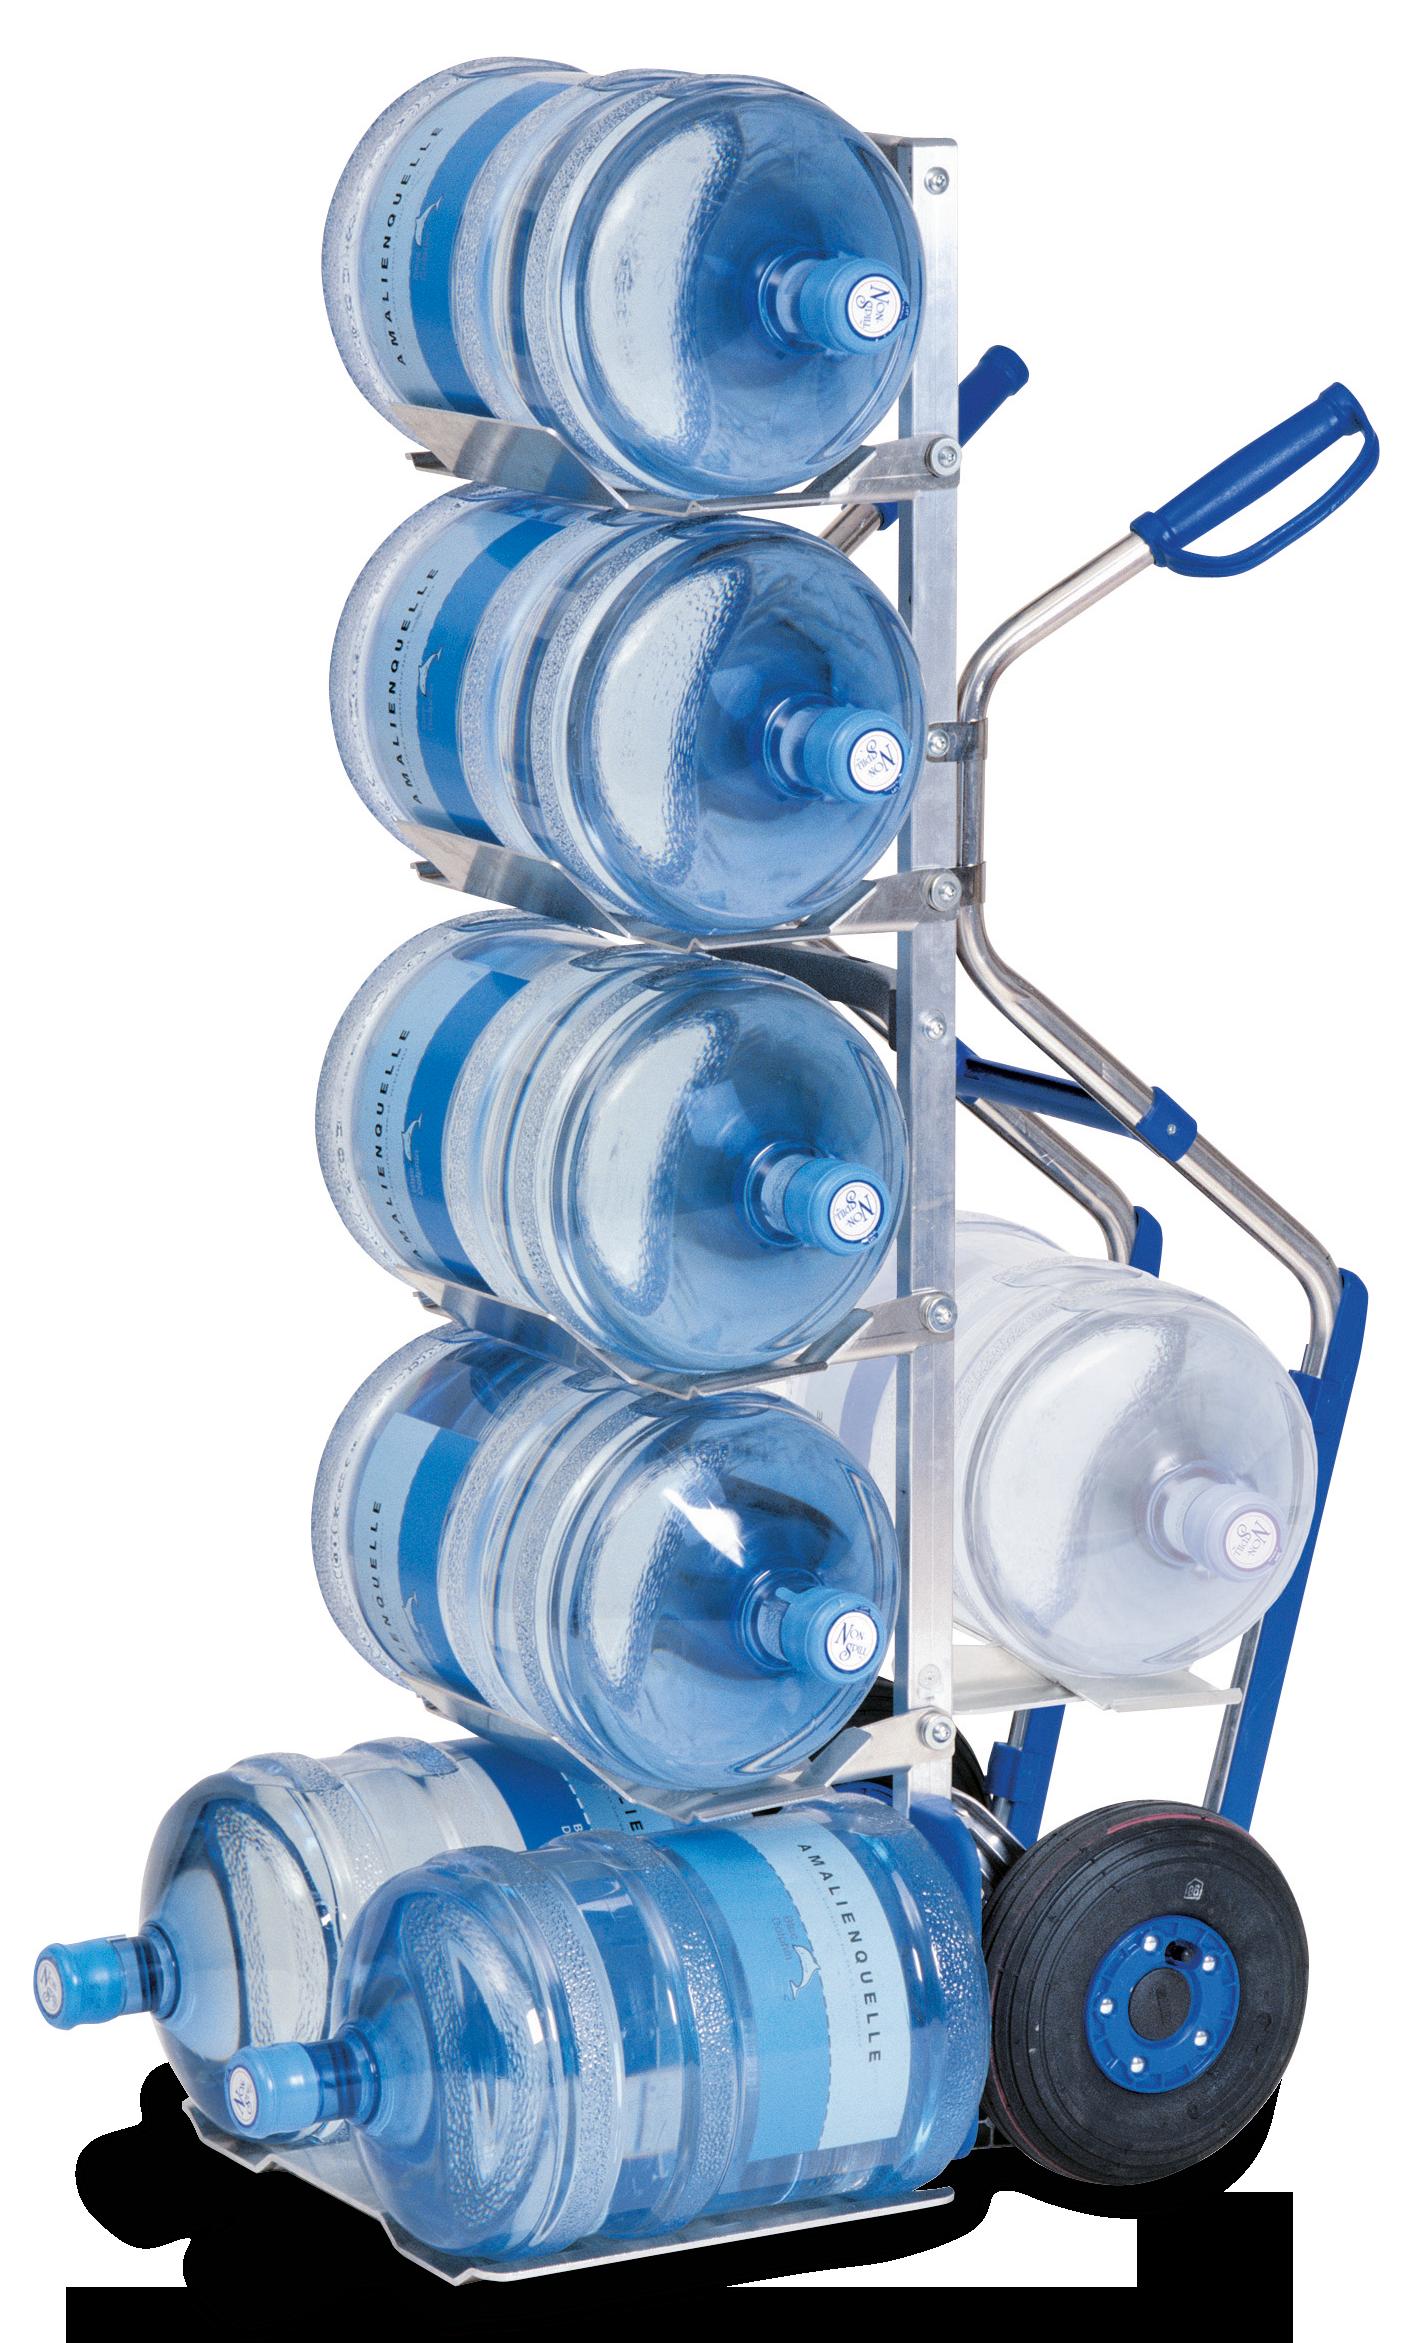 MODULKAR Porte-bonbonnes d'eau avec des poignées pistolet et des patins pour 7 bouteilles